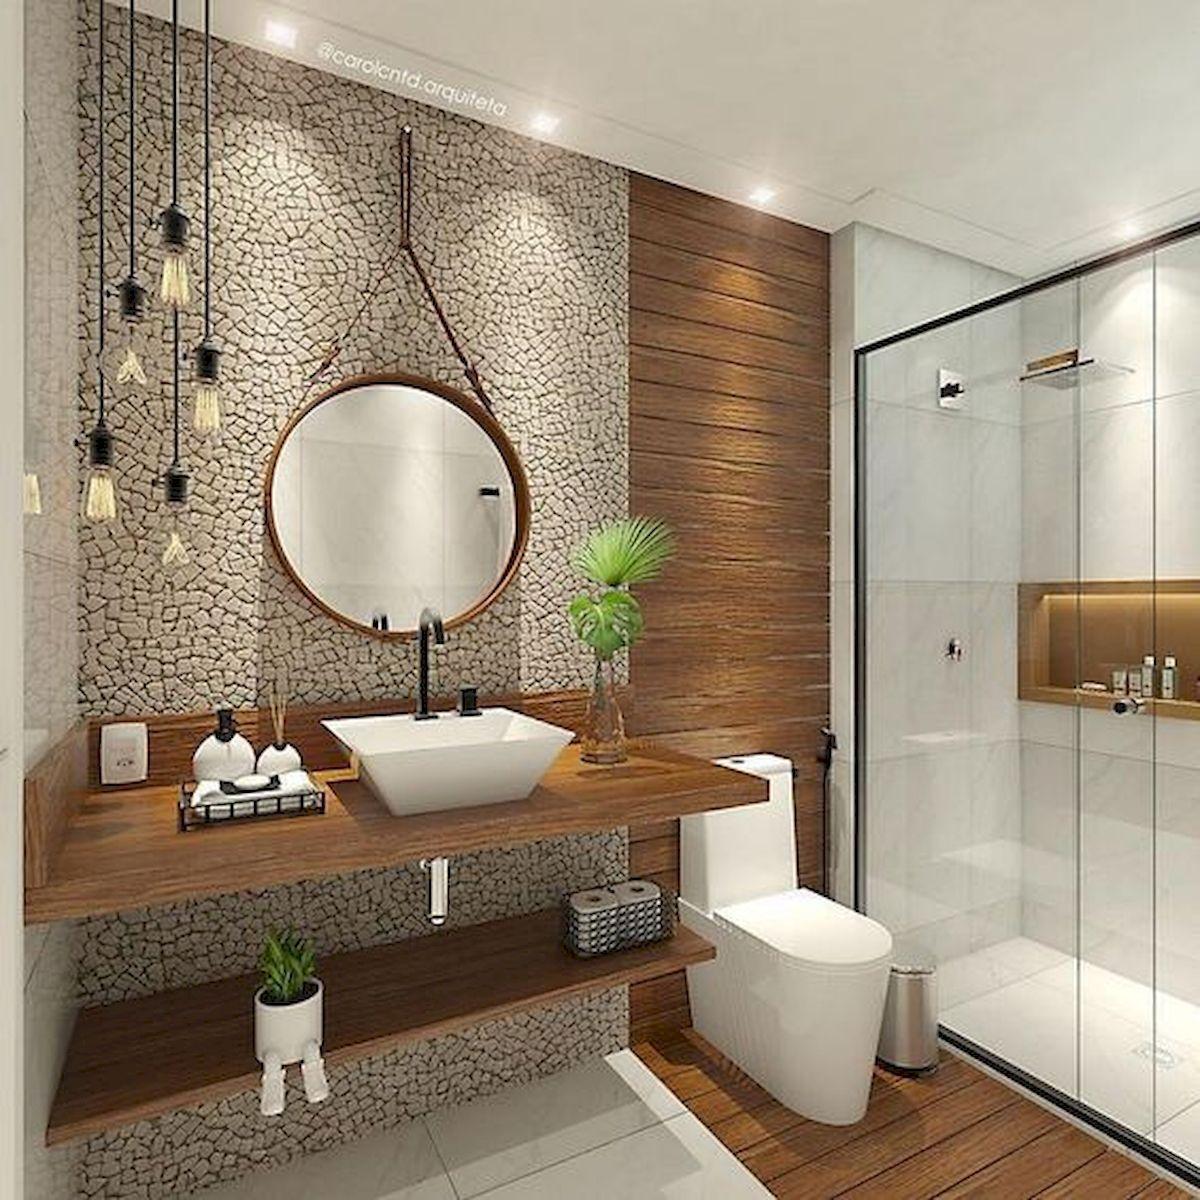 Ανακαινίσεις, σπιτιού, κατοικίας, διαμερίσματος, πολυκατοικίας, μπάνιου